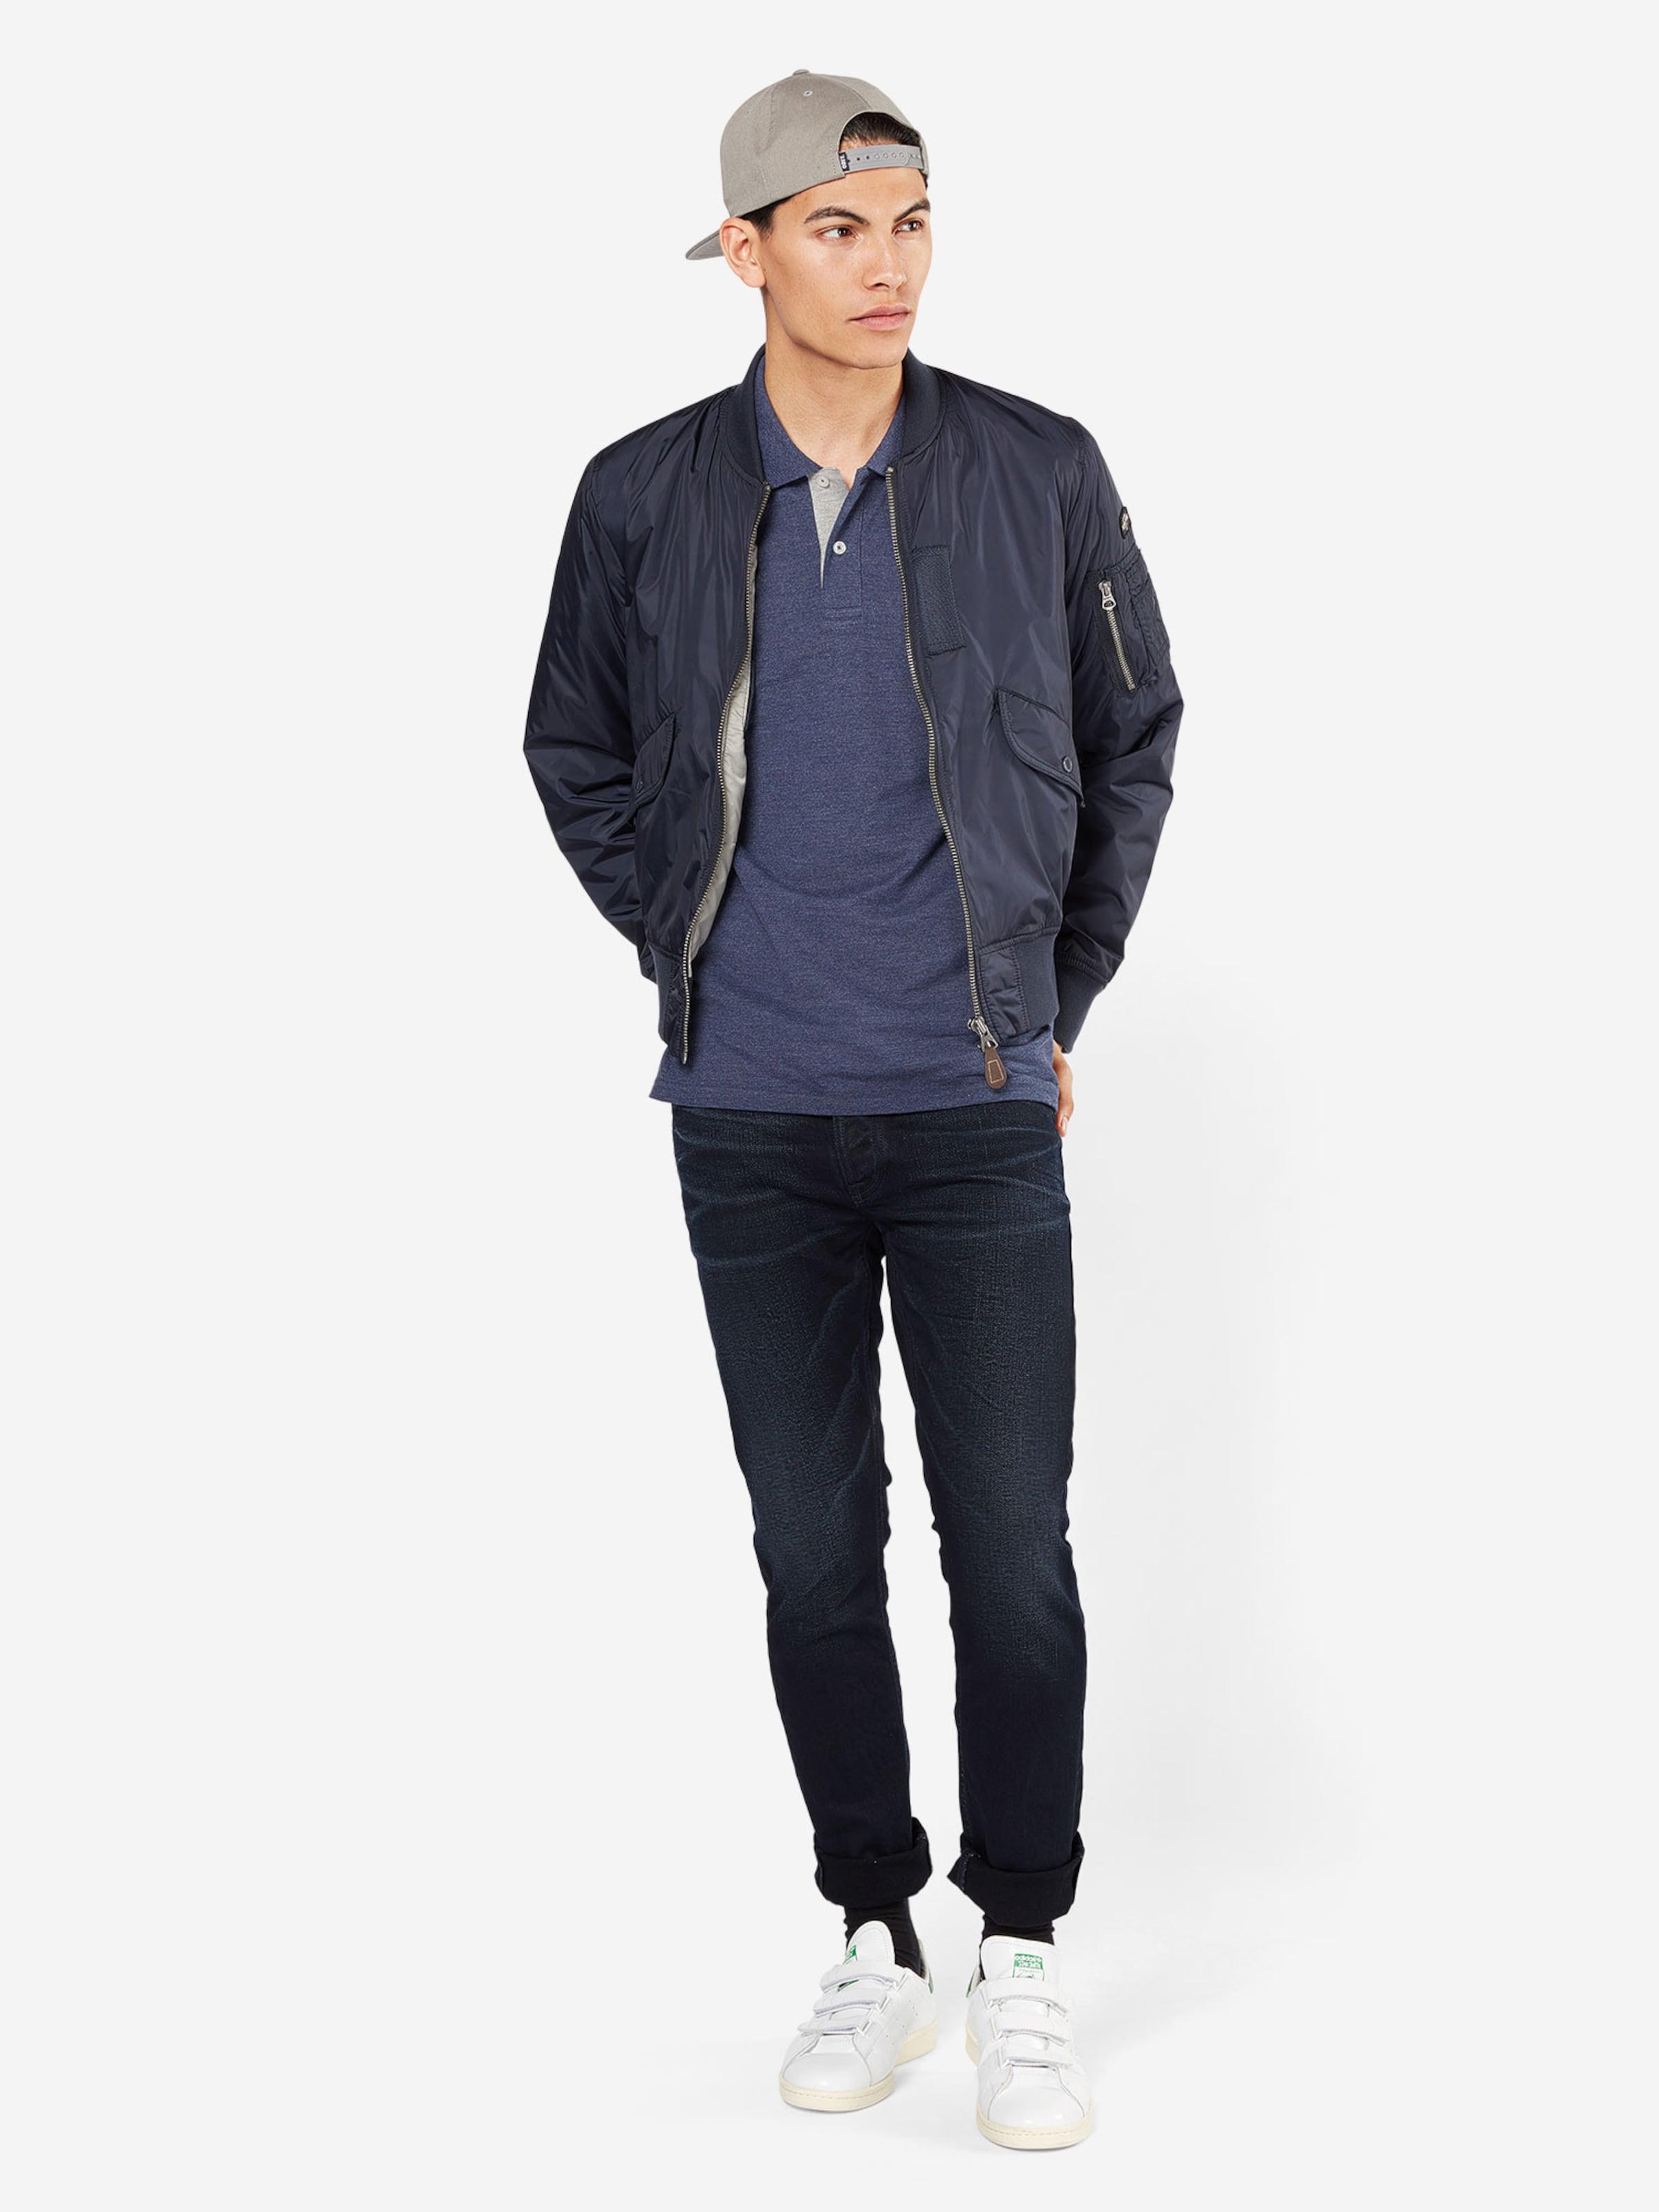 Gut Verkaufen Nudie Jeans Co Skinny-Jeans 'Tilted Tor' 2018 Neue Rabatte Günstiger Preis cD17NLbK1